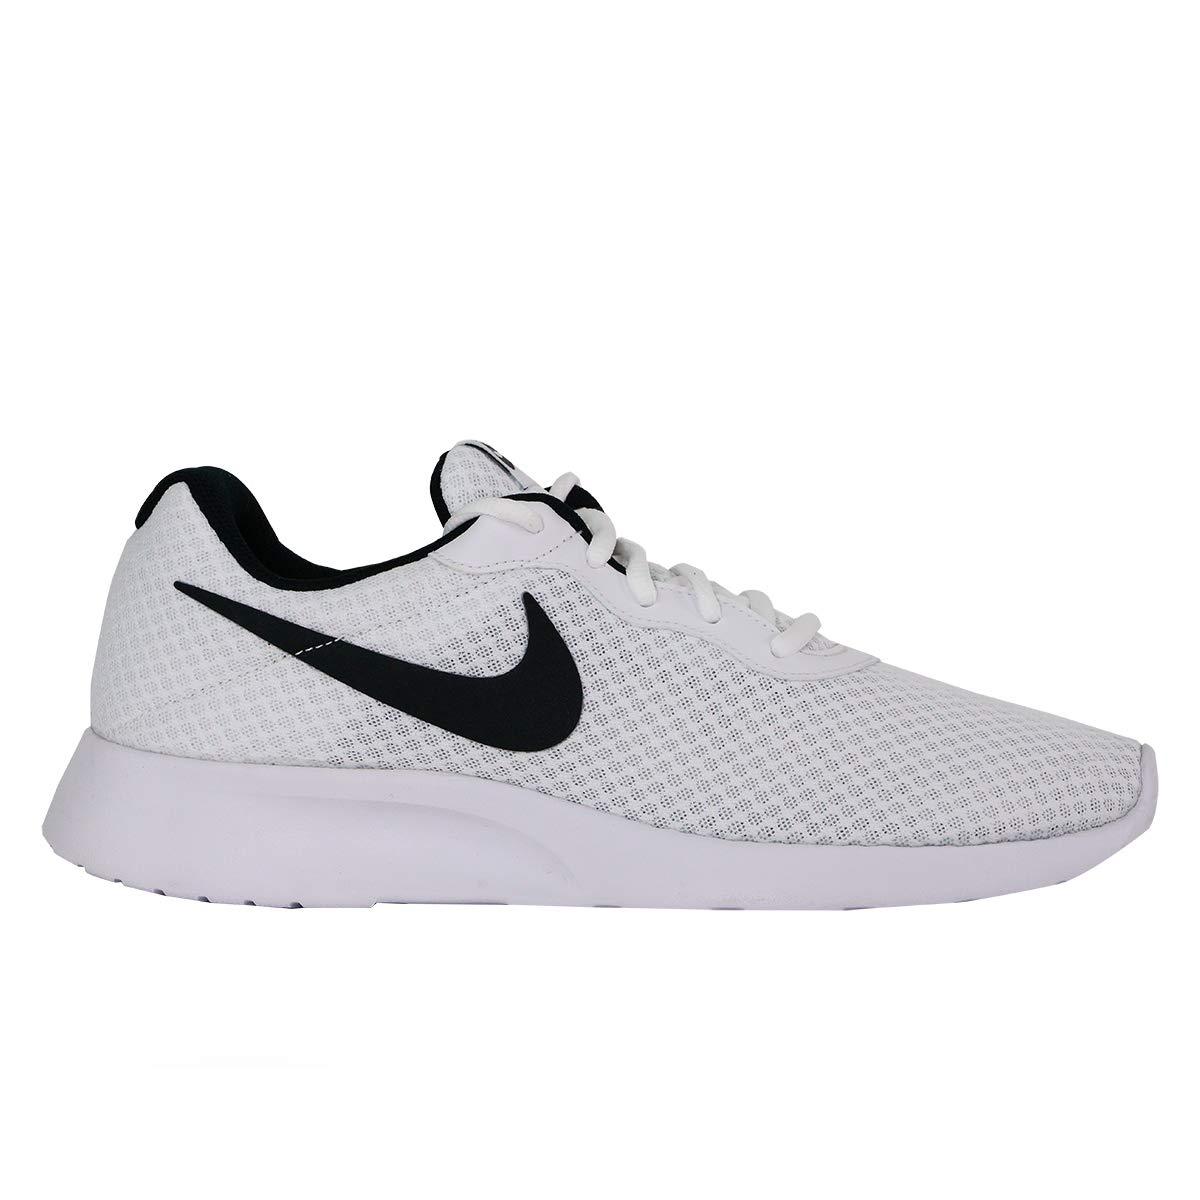 f3ec6c5bb5bcb Nike Men's Tanjun White/Black Running Shoe 10 Men US